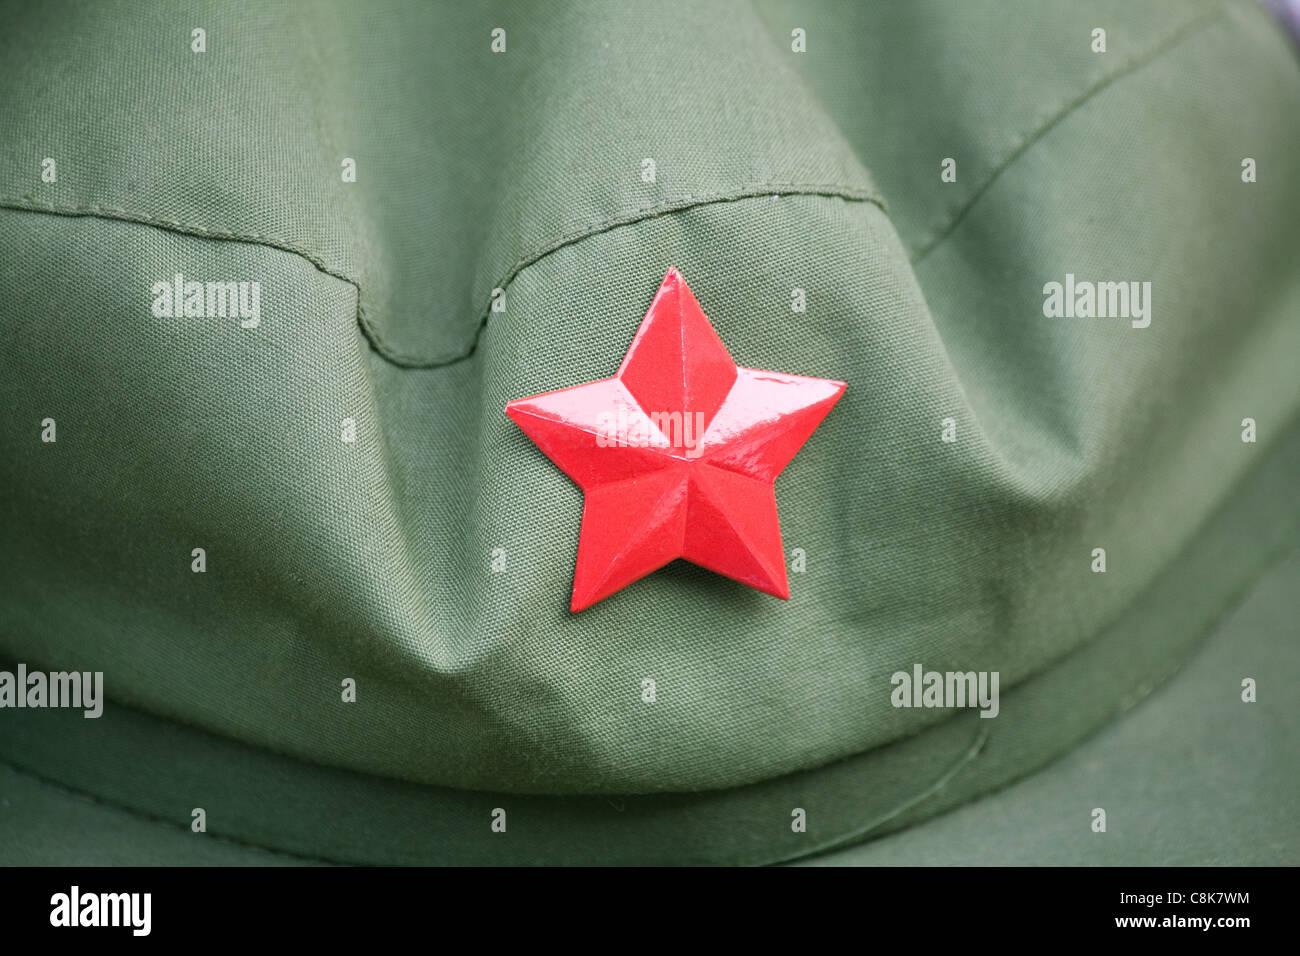 Tapa del ejército rojo con una estrella roja Imagen De Stock